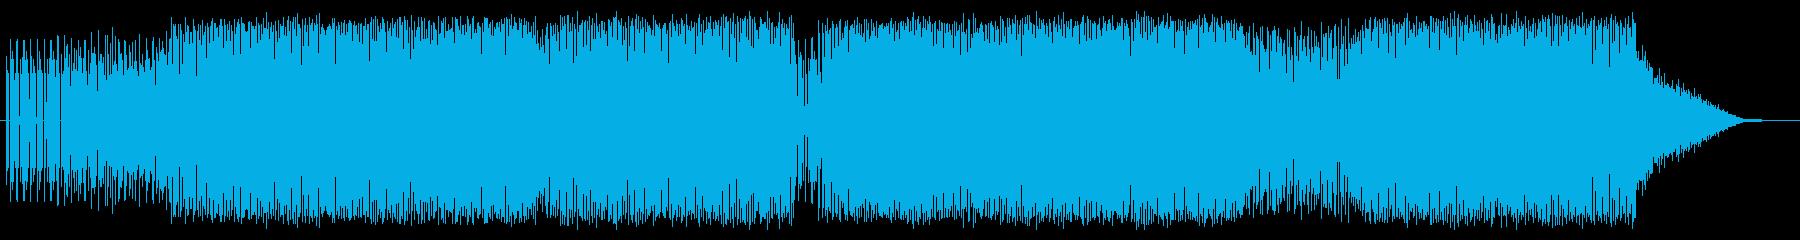 美しいメロディテクノの再生済みの波形